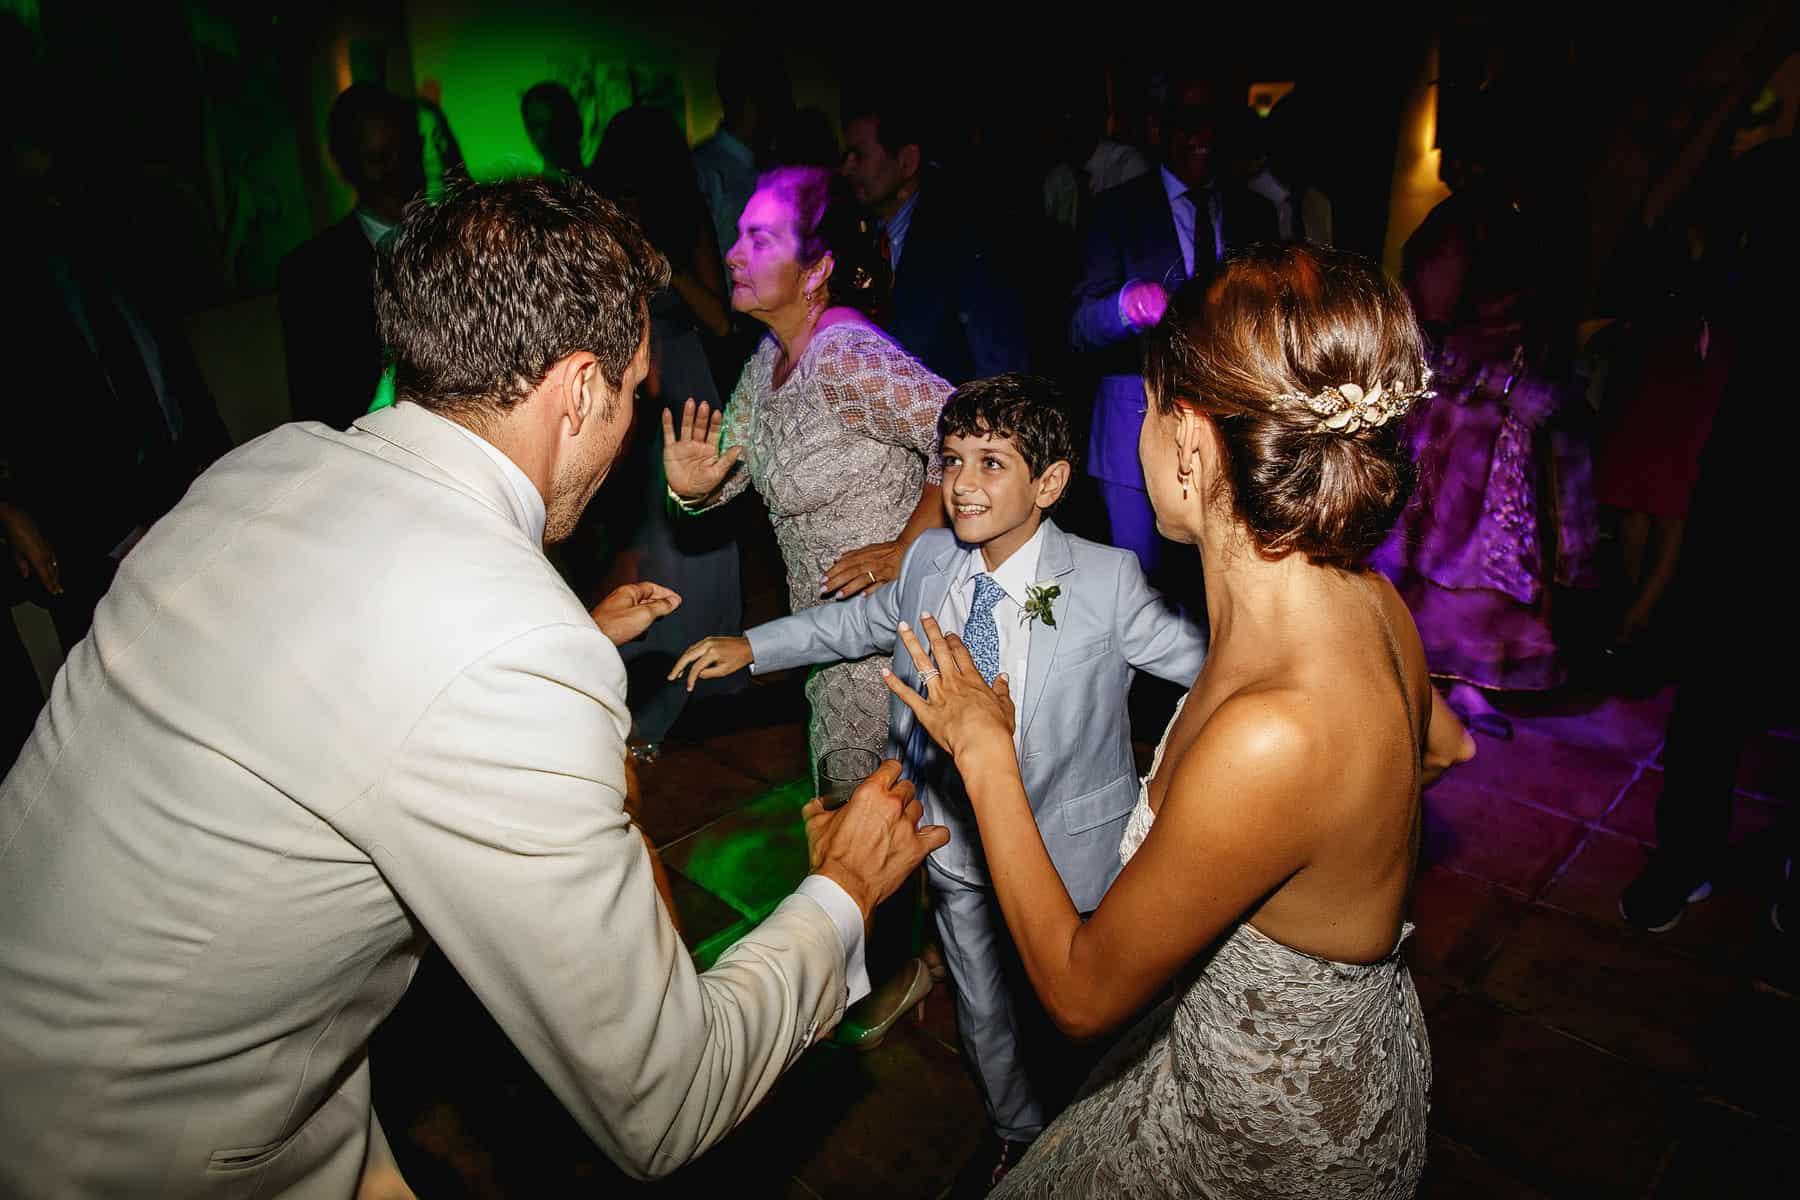 la residencia wedding reception